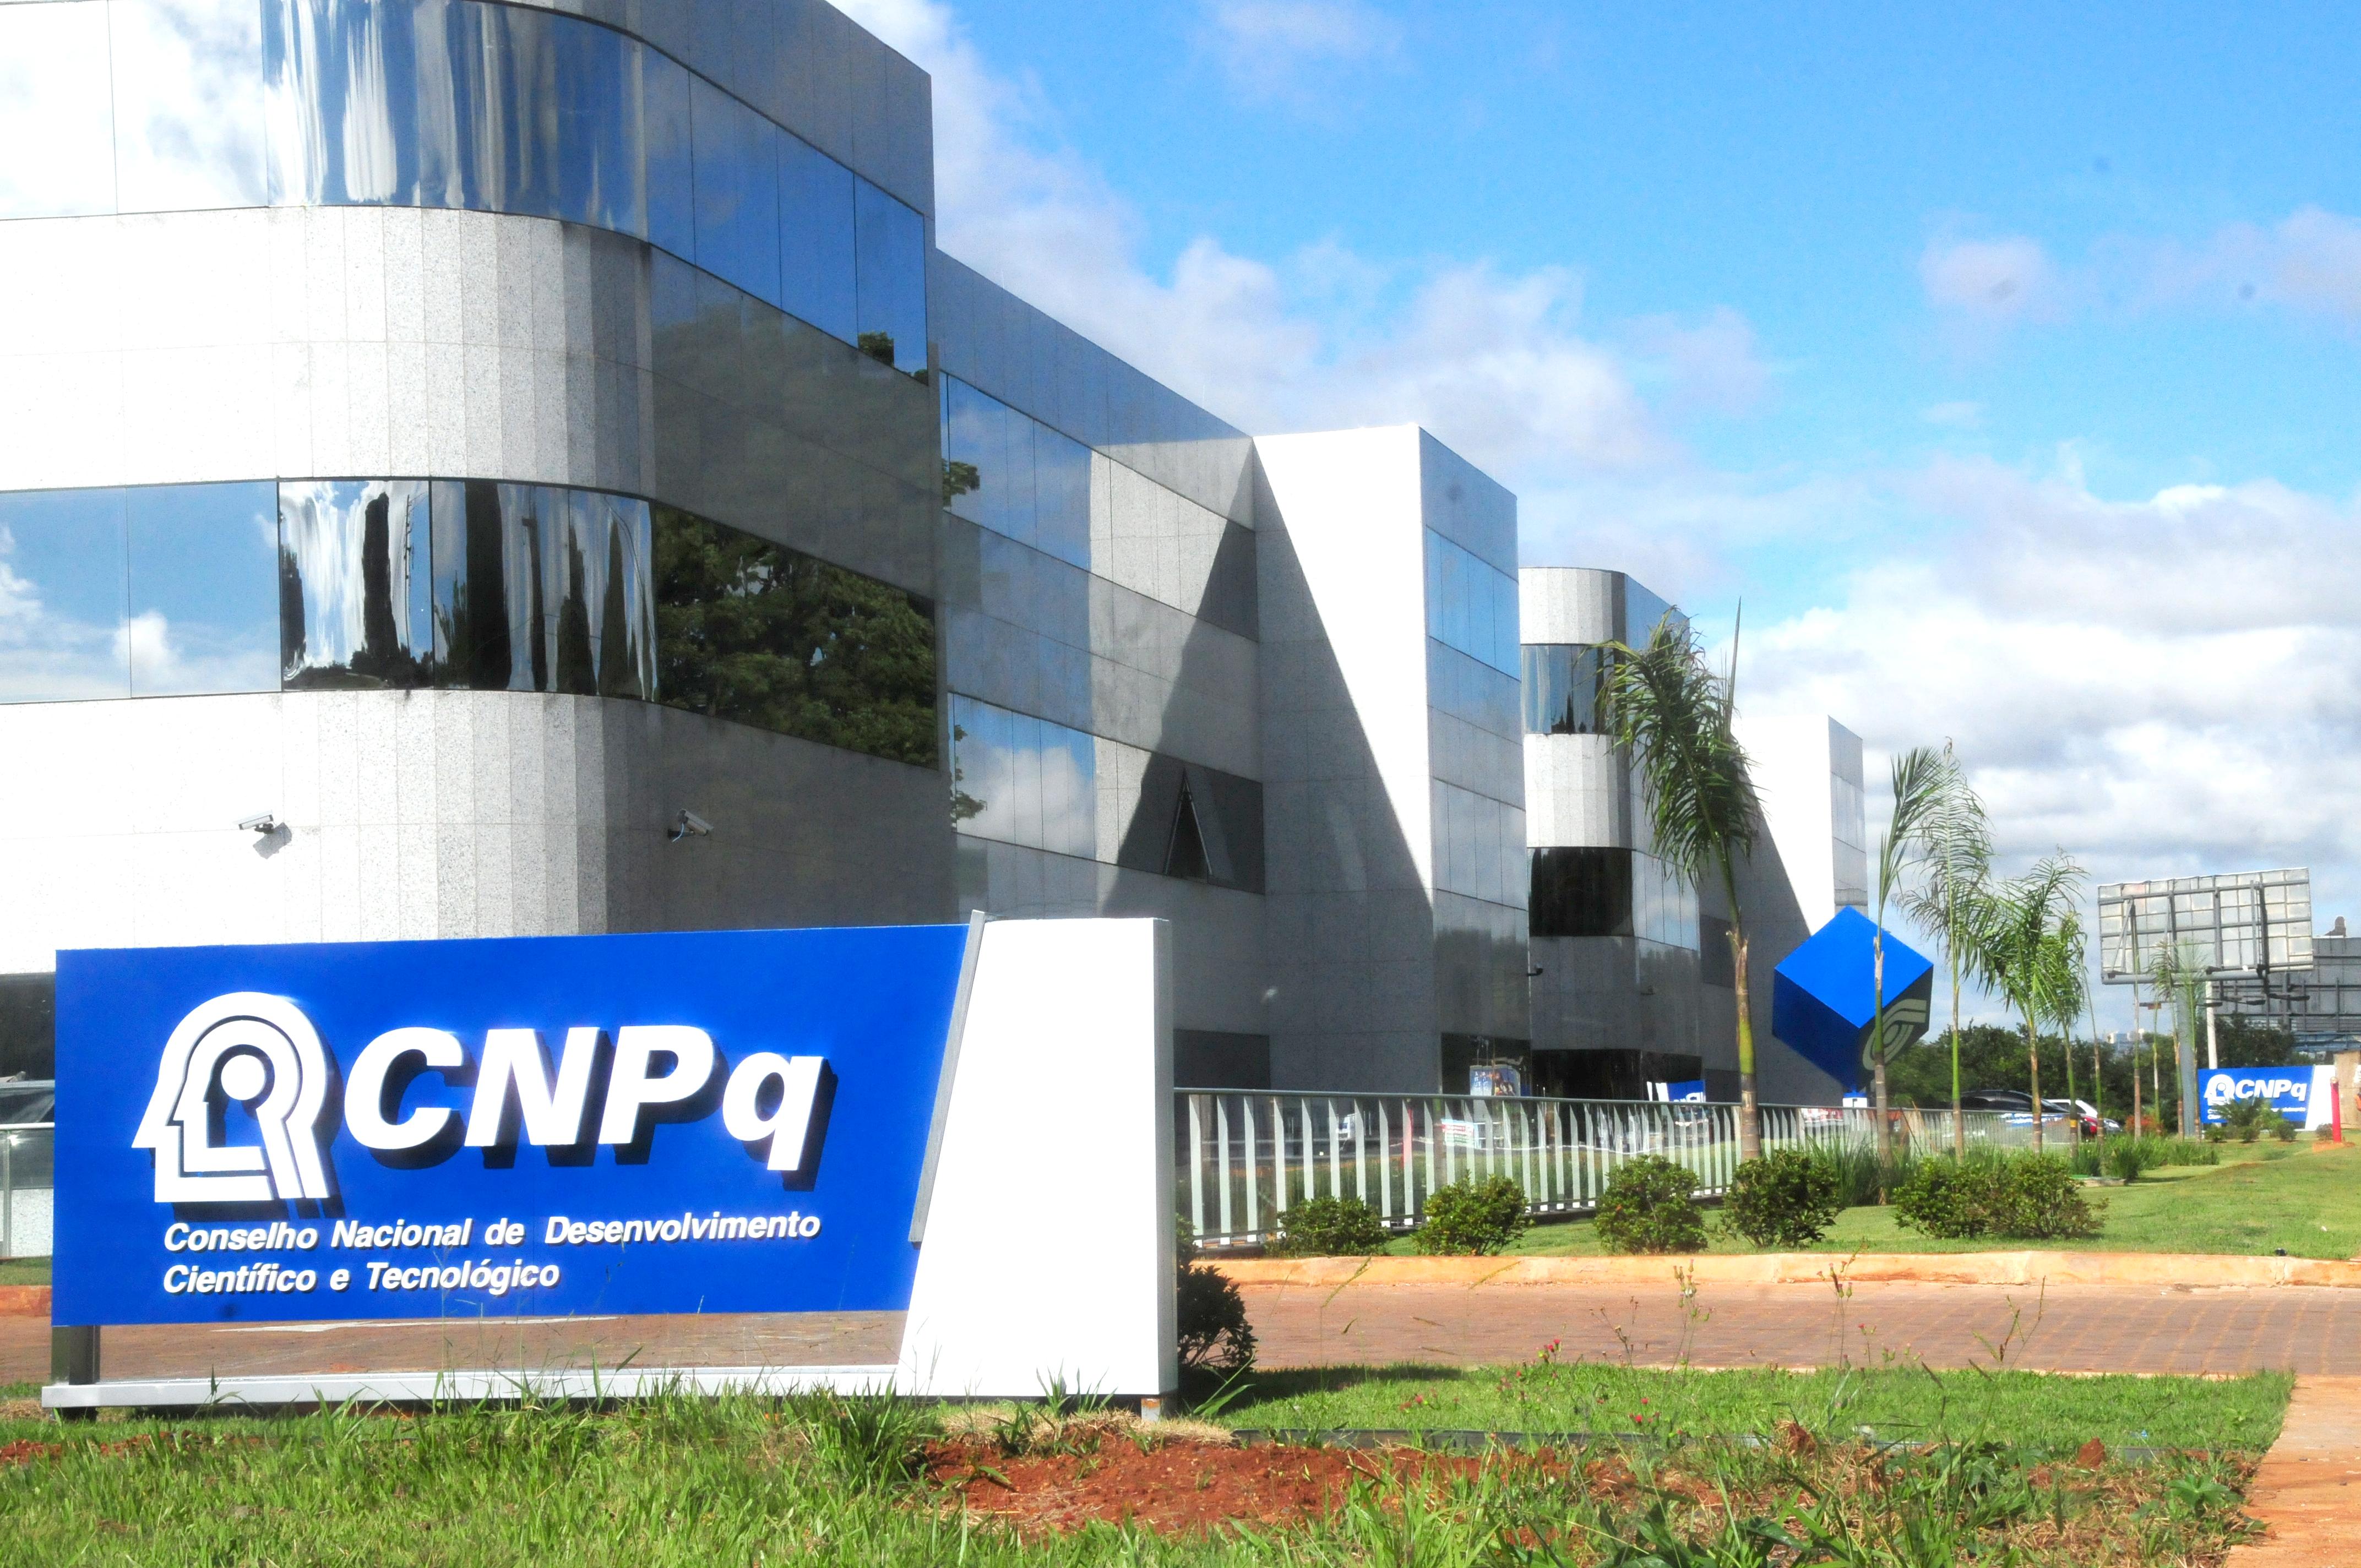 Fachada do edifício-sede do CNPq (Foto: M. Gondim/C. Cruz/CNPq)